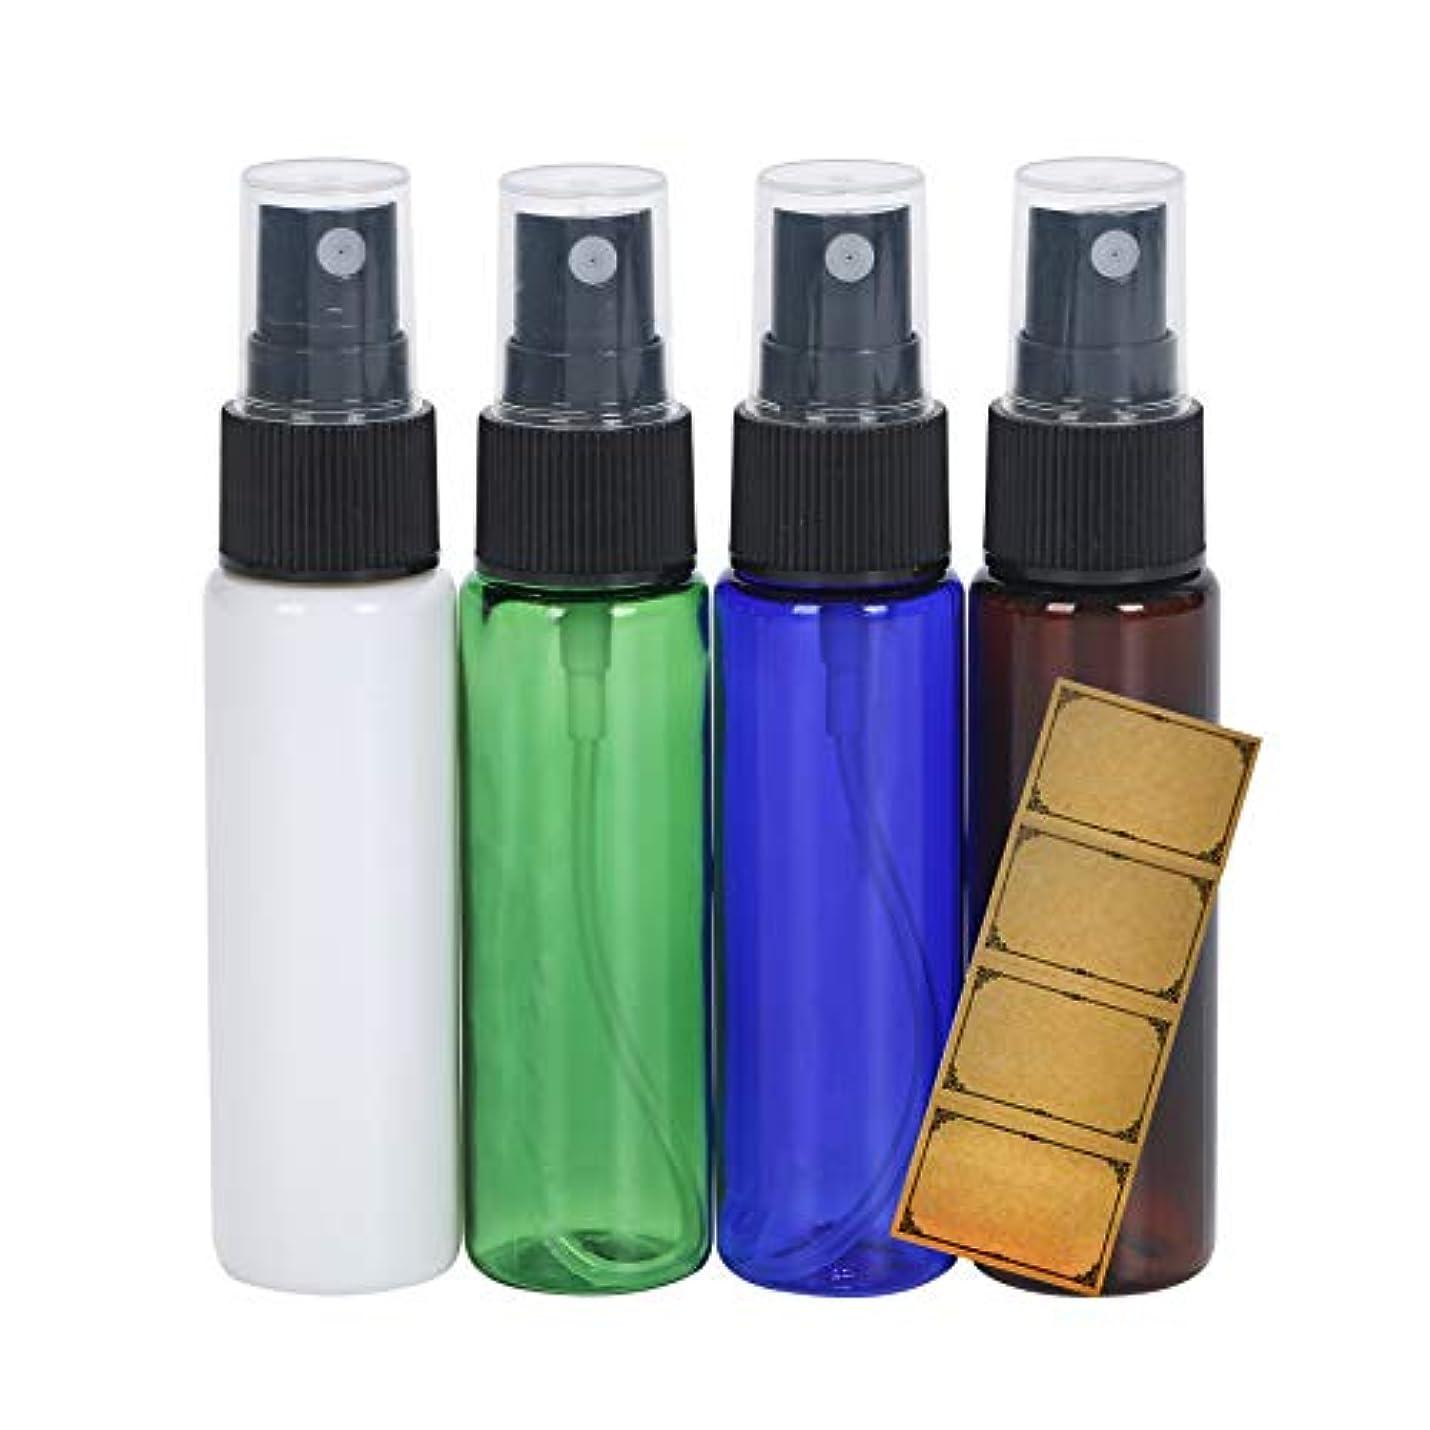 失スキーム大工スプレーボトル 30ml 4本 オリジナルラベルシール付き 遮光 PET製 (4色(青、緑、茶、白))